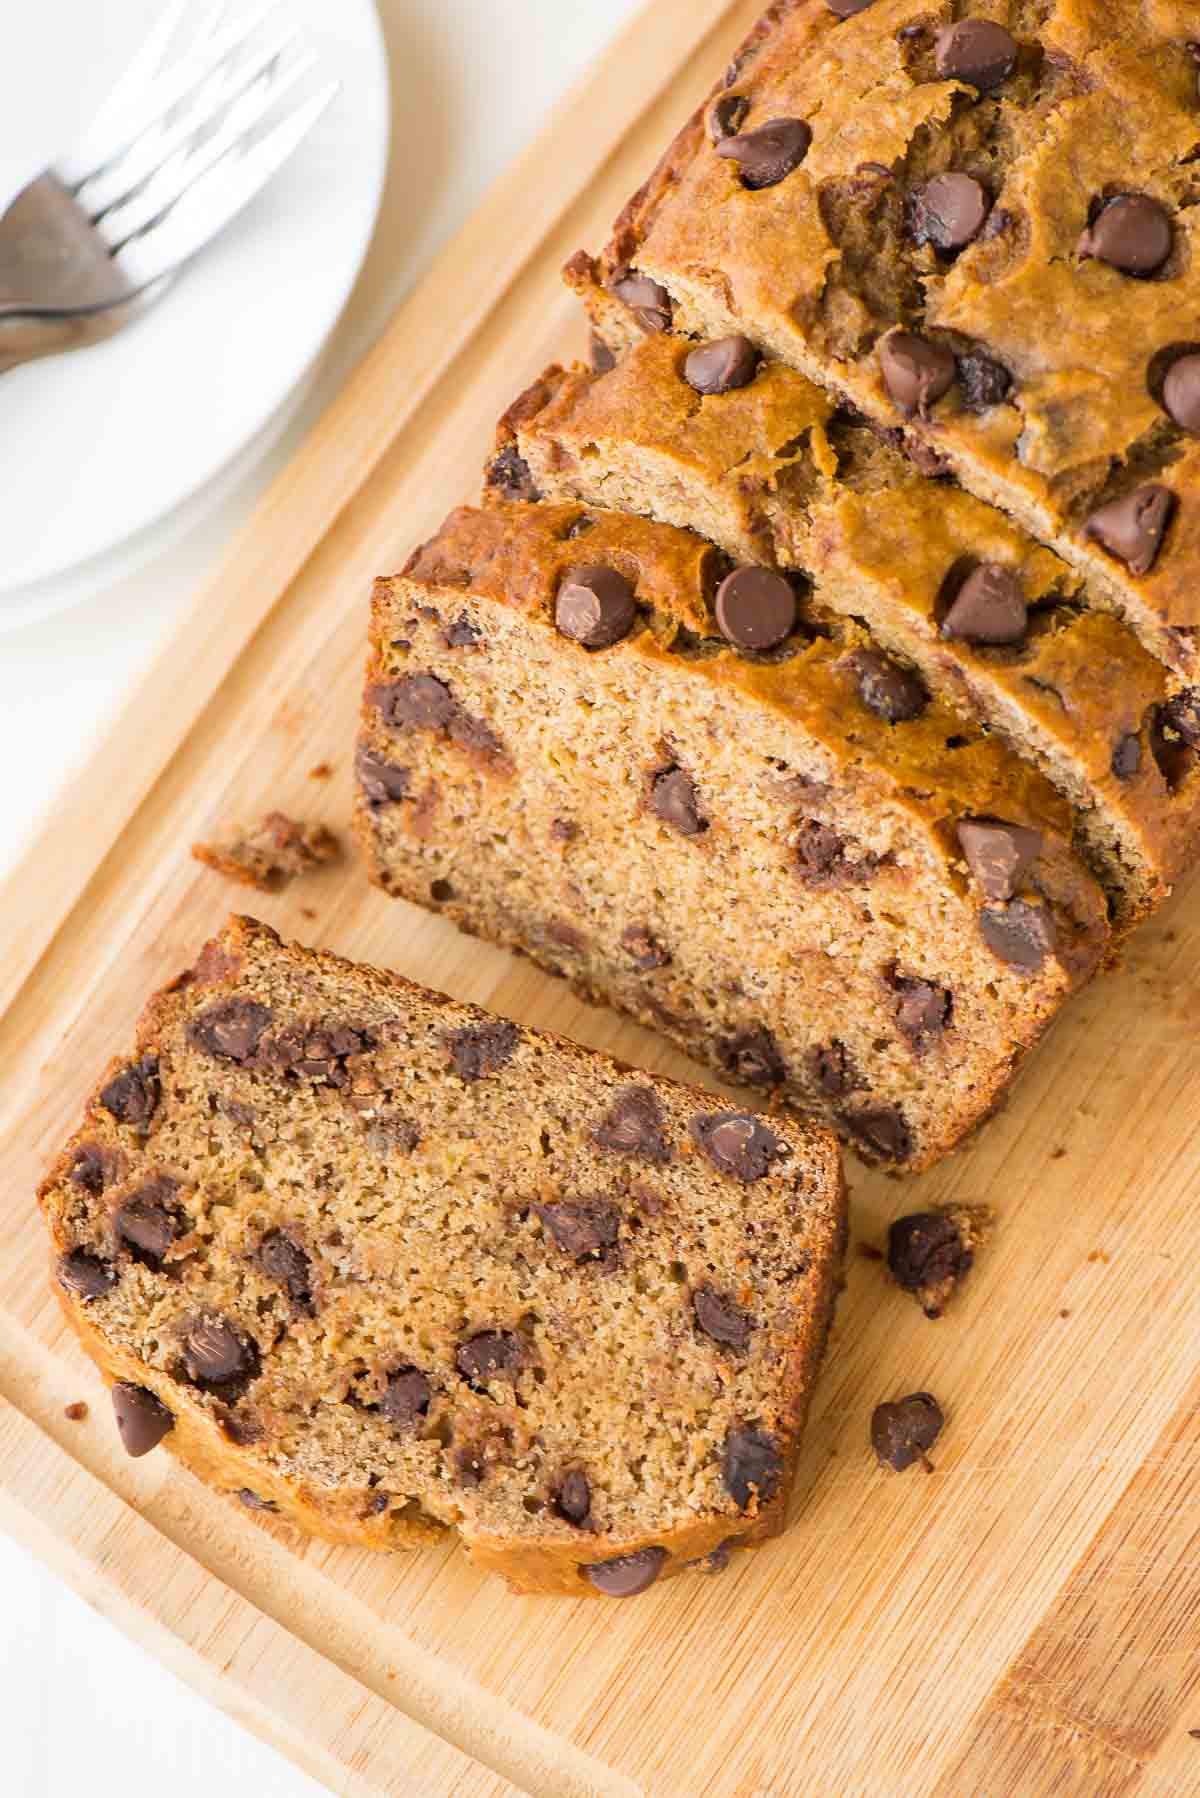 Banana Recipes Healthy Easy  Healthy Banana Bread Recipe with Chocolate Chips